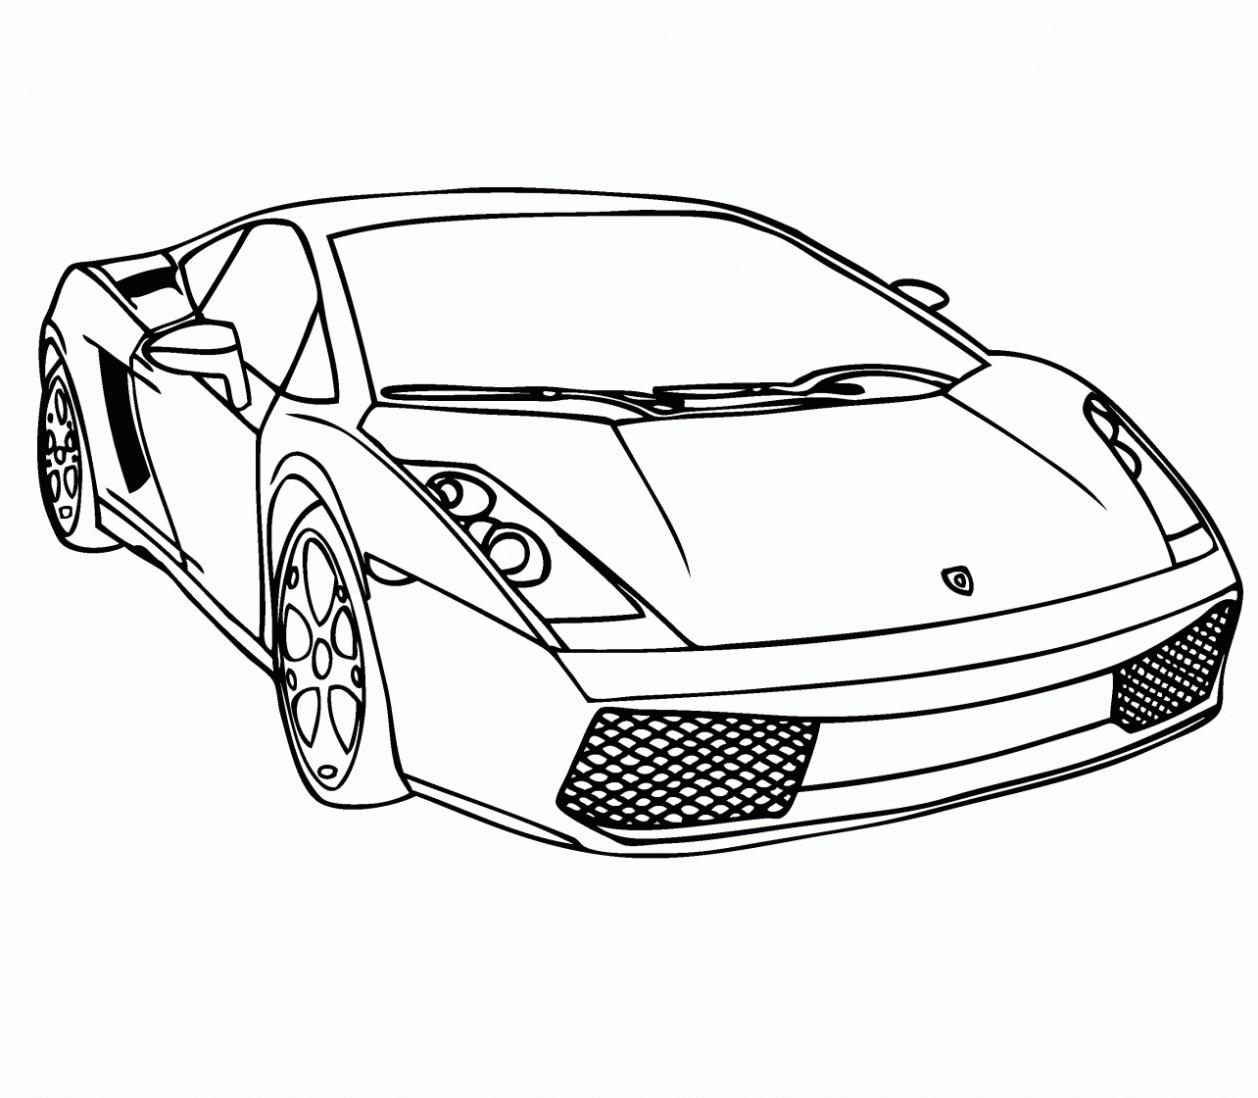 Ausmalbild Rennauto | Malvorlage Auto, Ausmalbilder Zum über Auto Zum Ausmalen